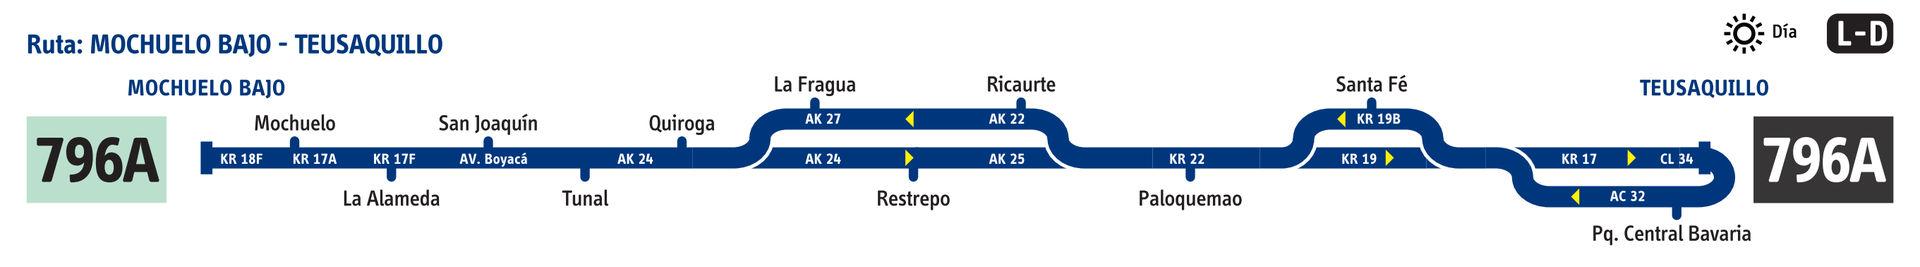 Ruta SITP: 796A Mochuelo Bajo ↔ Teusaquillo [Urbana] 1